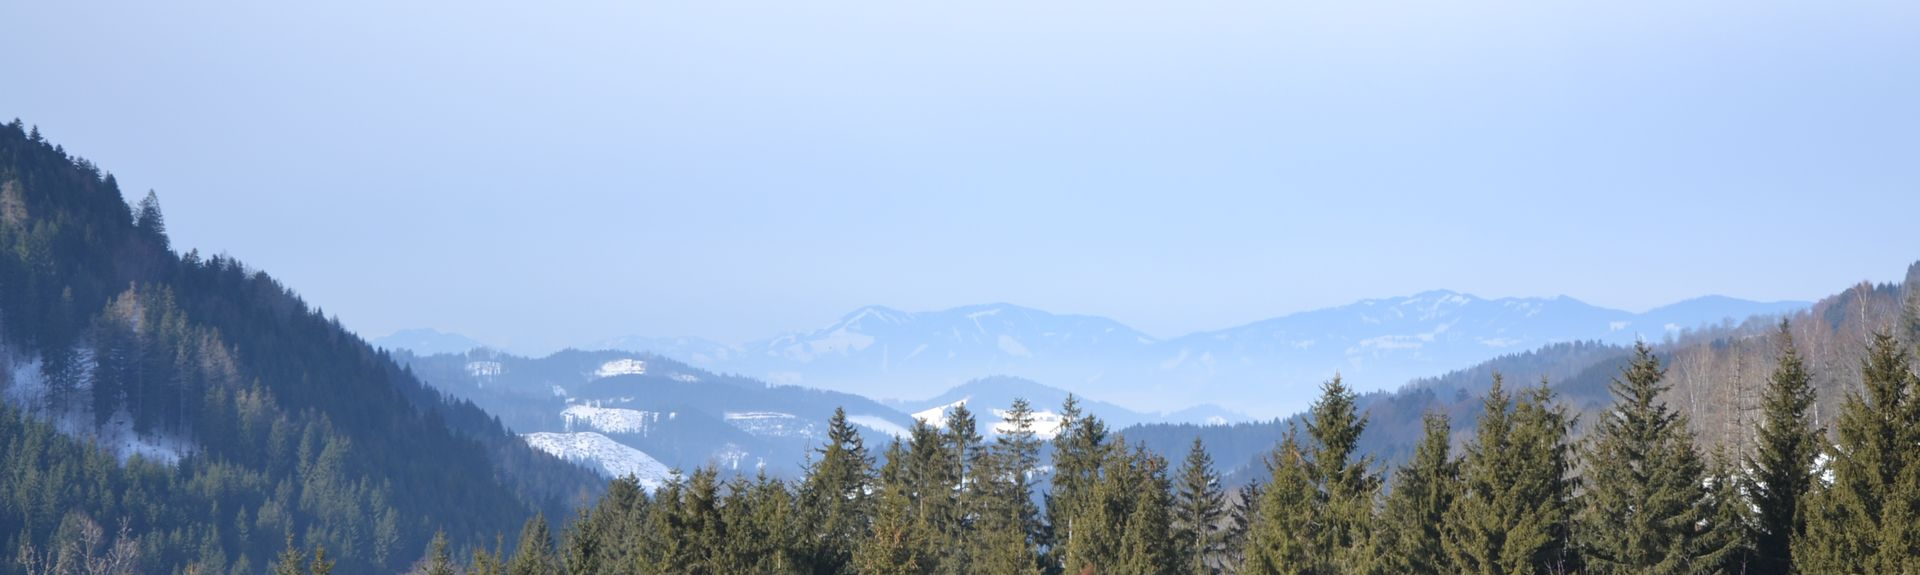 Fischbach, Austria